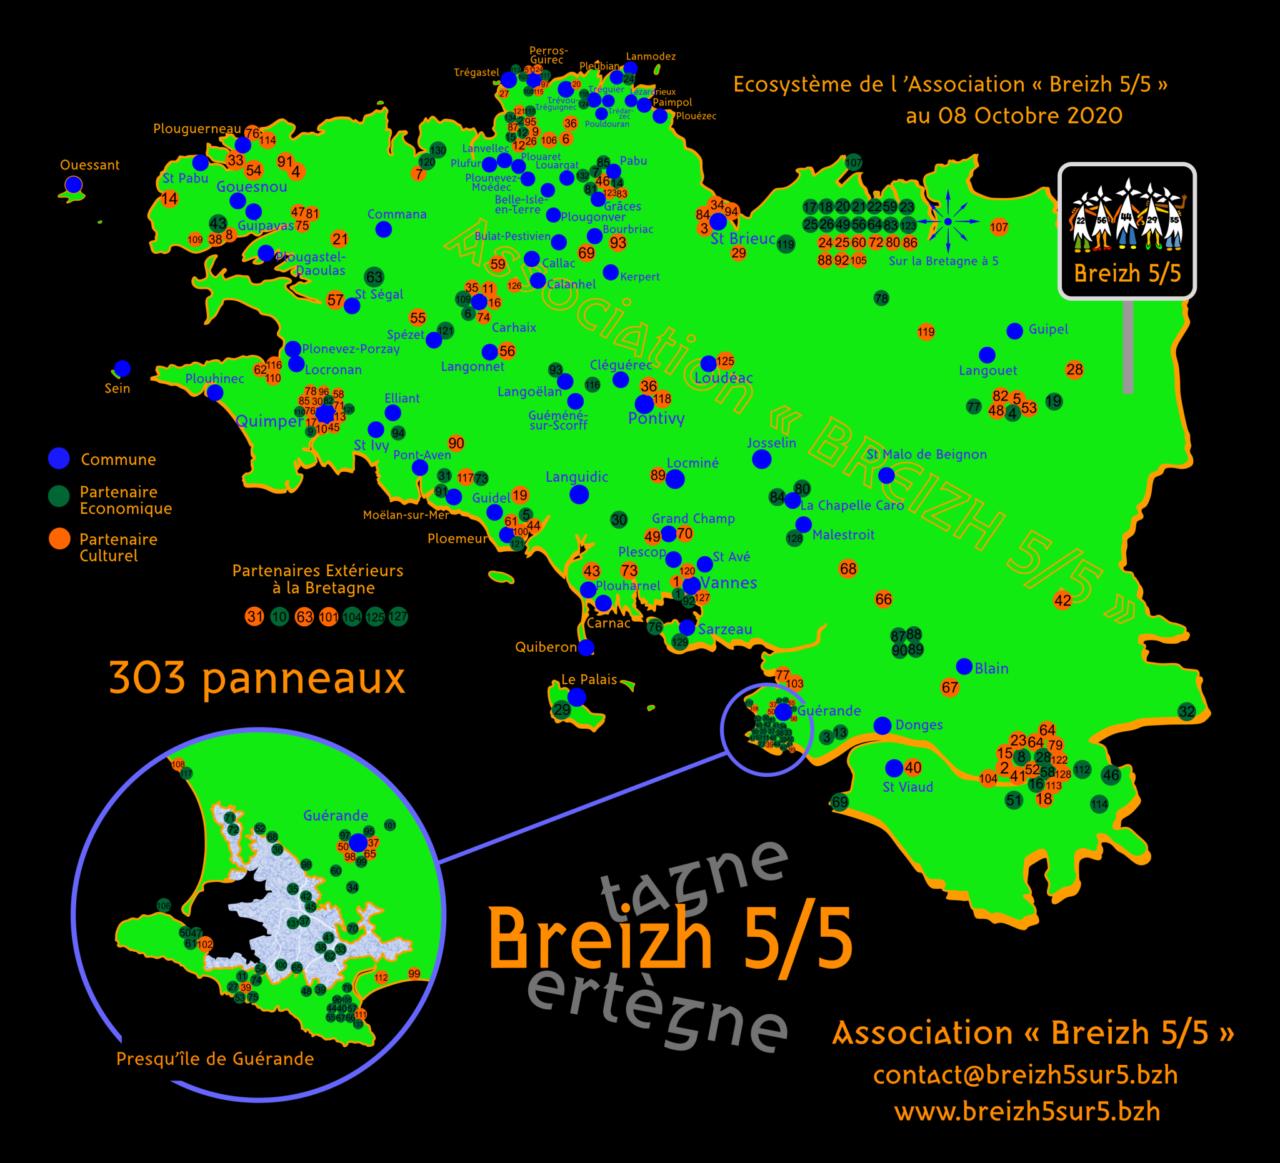 Des nouvelles communes s'affichent pour la Bretagne à 5 départements